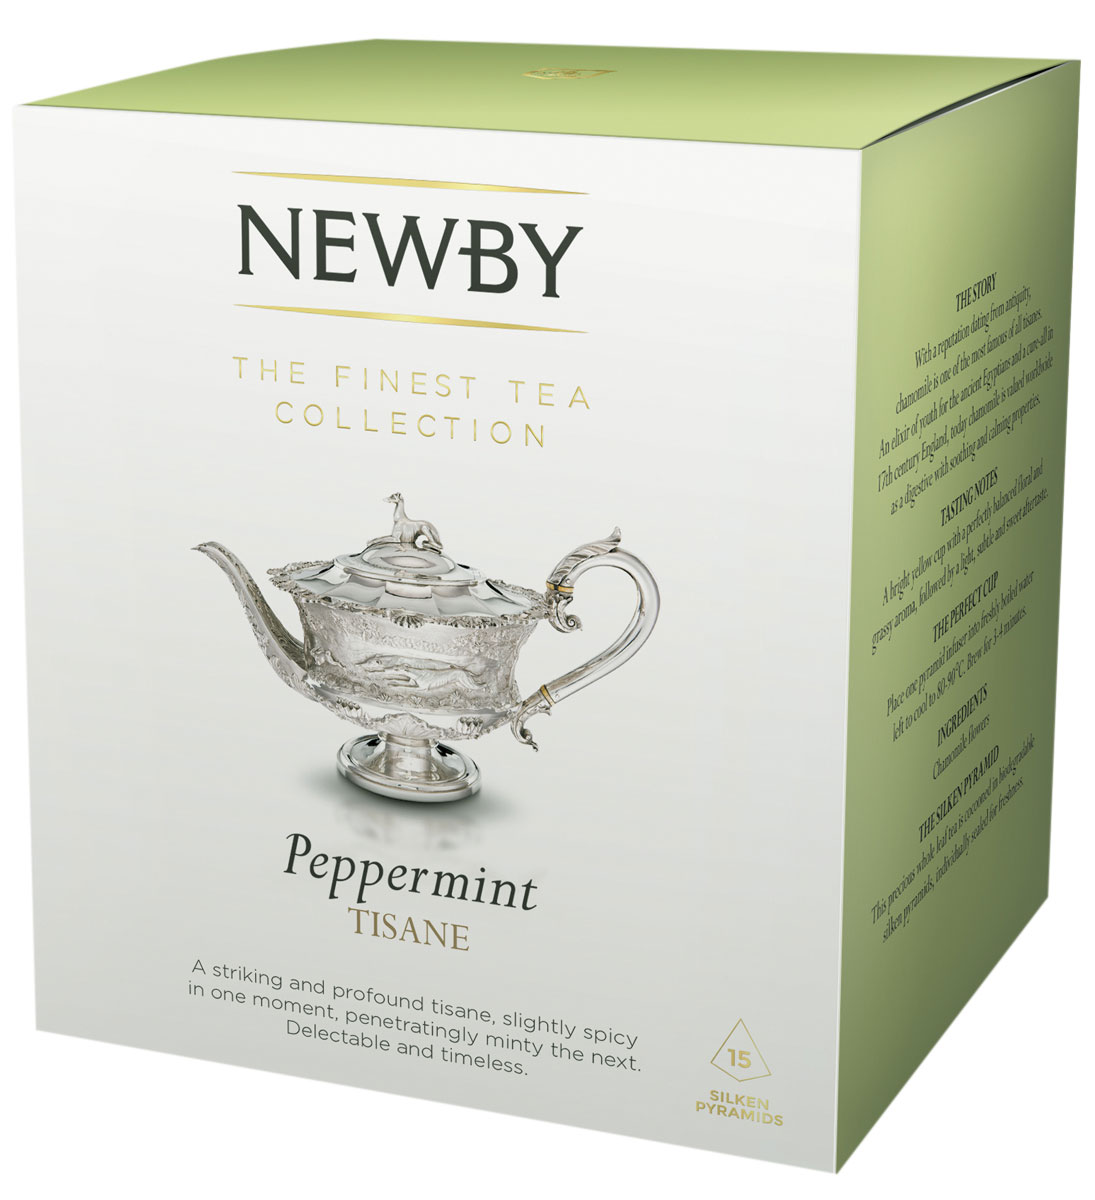 Newby Peppermint травяной чай в пирамидках, 15 штTALTHB-DP0023Newby Peppermint- освежающий травяной чай из листьев перечной мяты. Чашка благоухает пряным мятным вкусом. Каждая пирамидка упакована в индивидуальное саше из алюминиевой фольги для сохранения свежести ингредиентов.